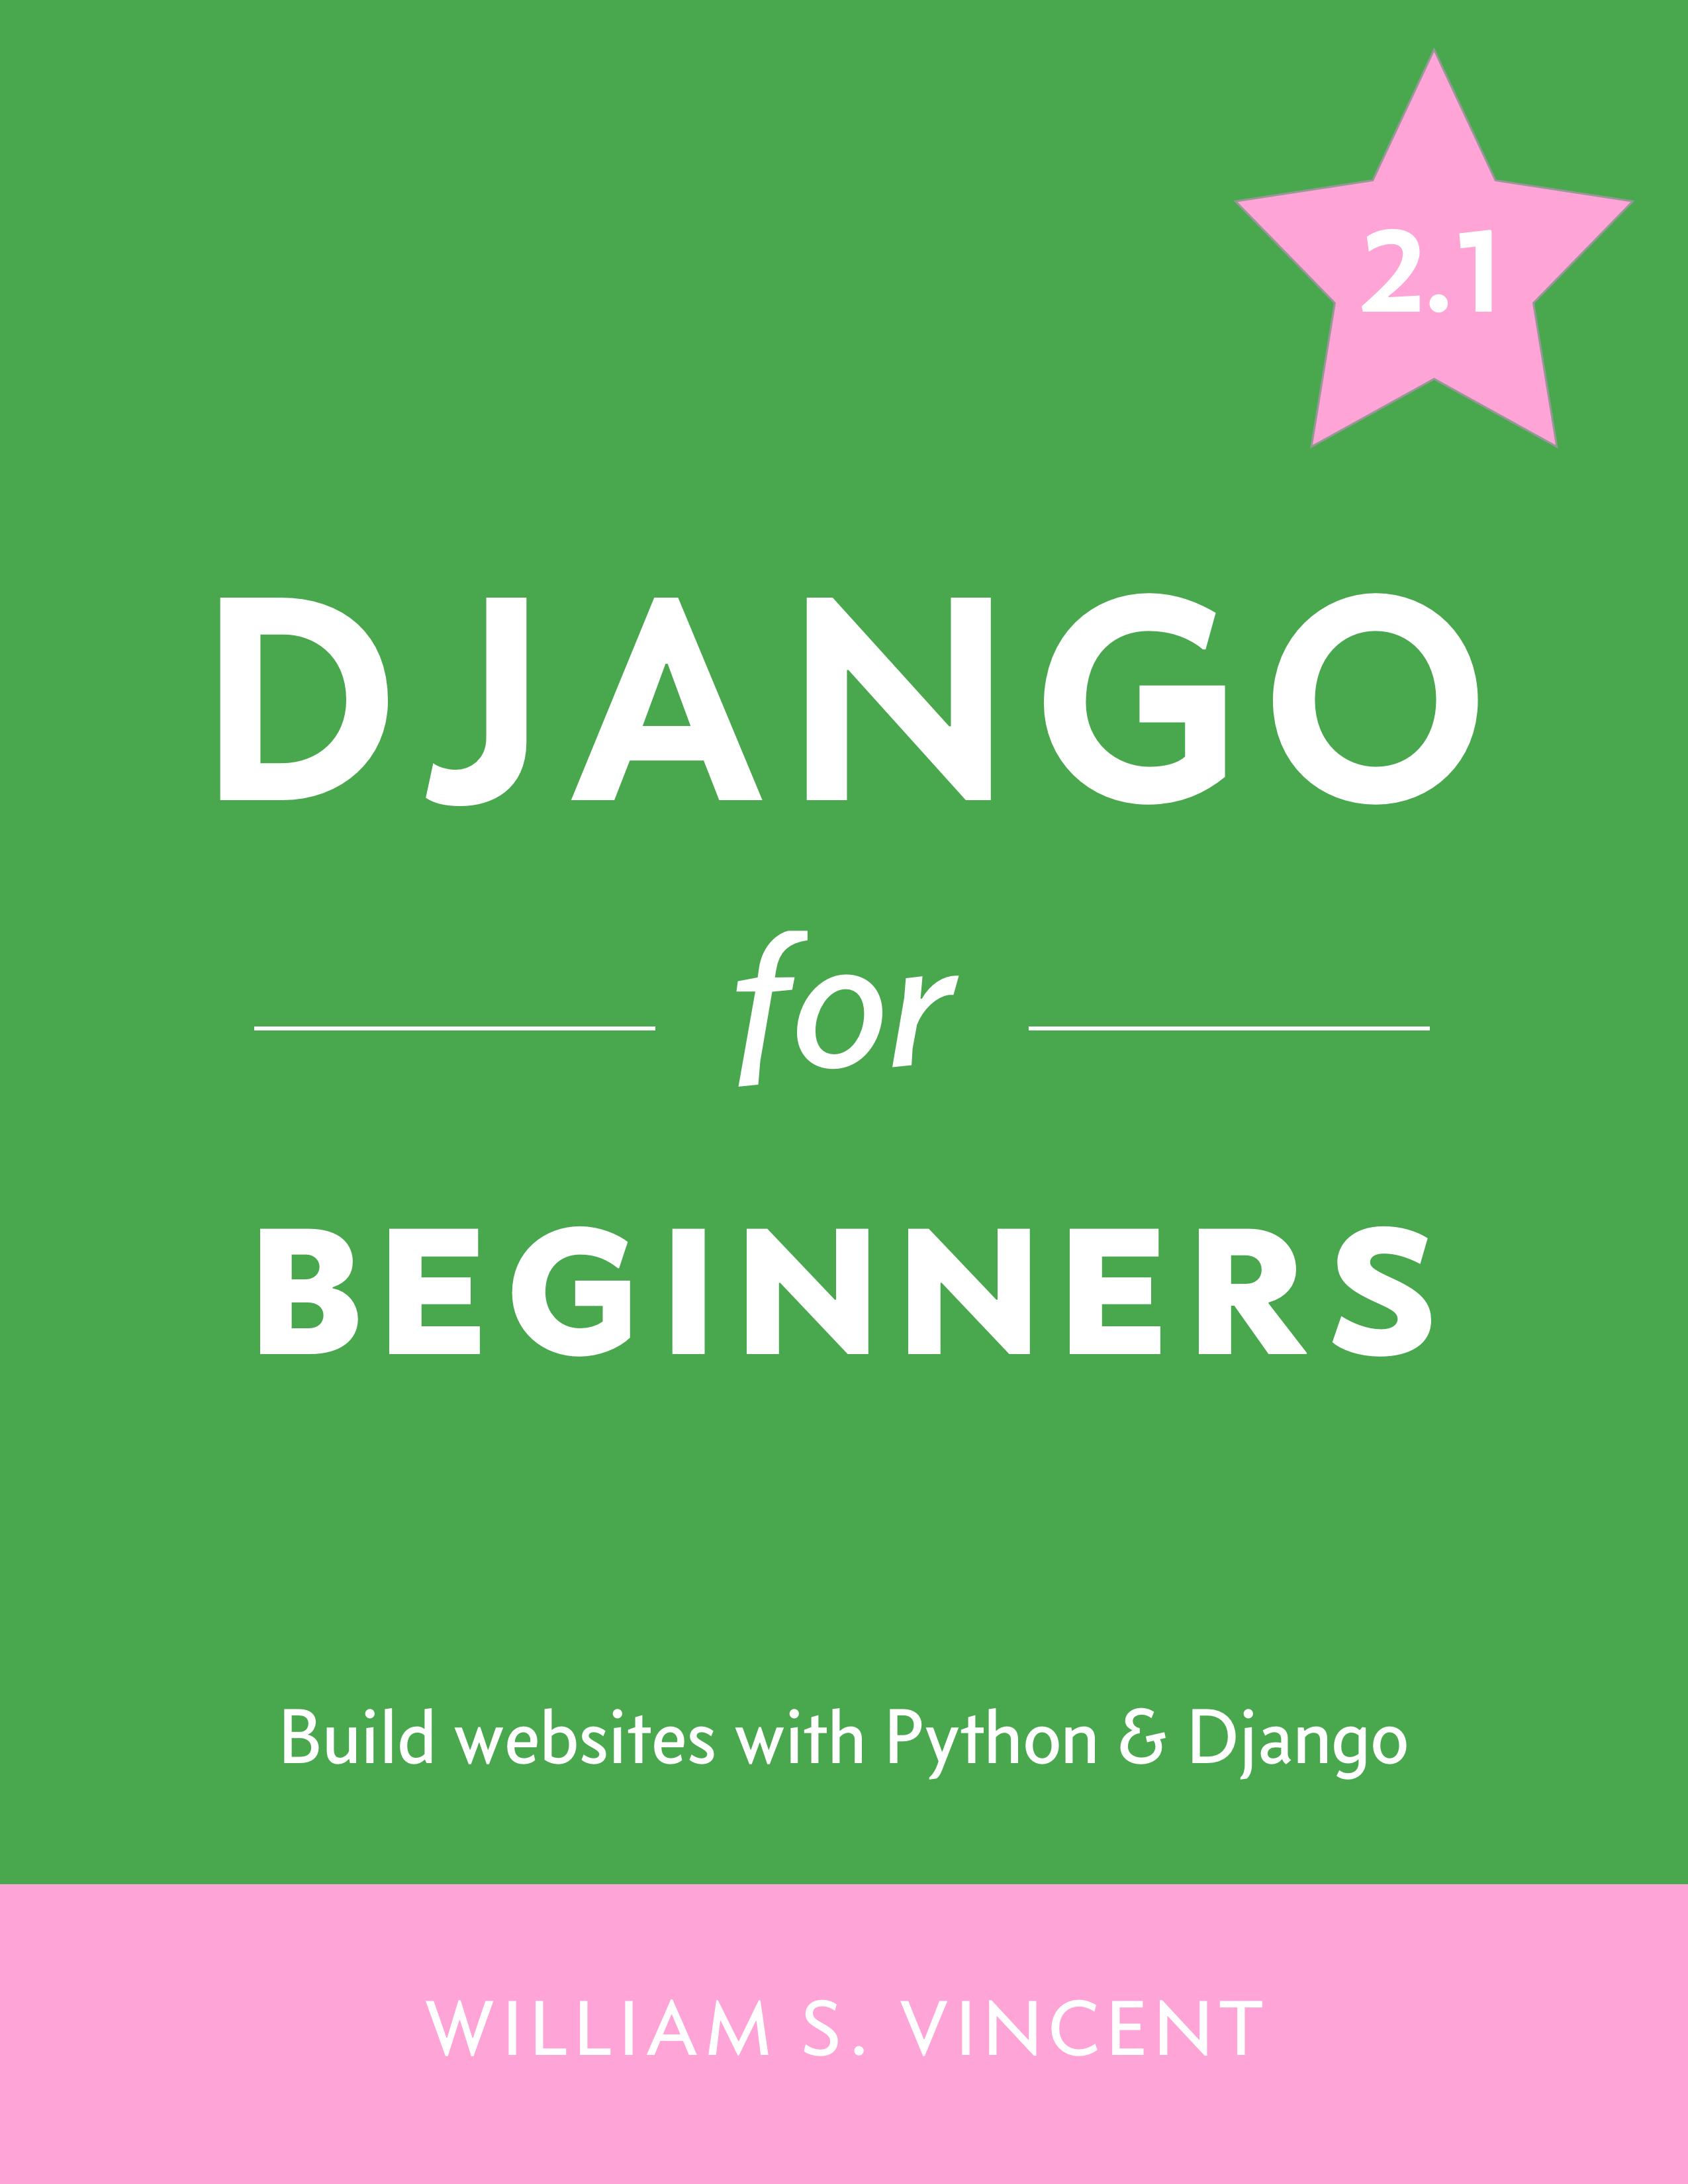 Django dating website